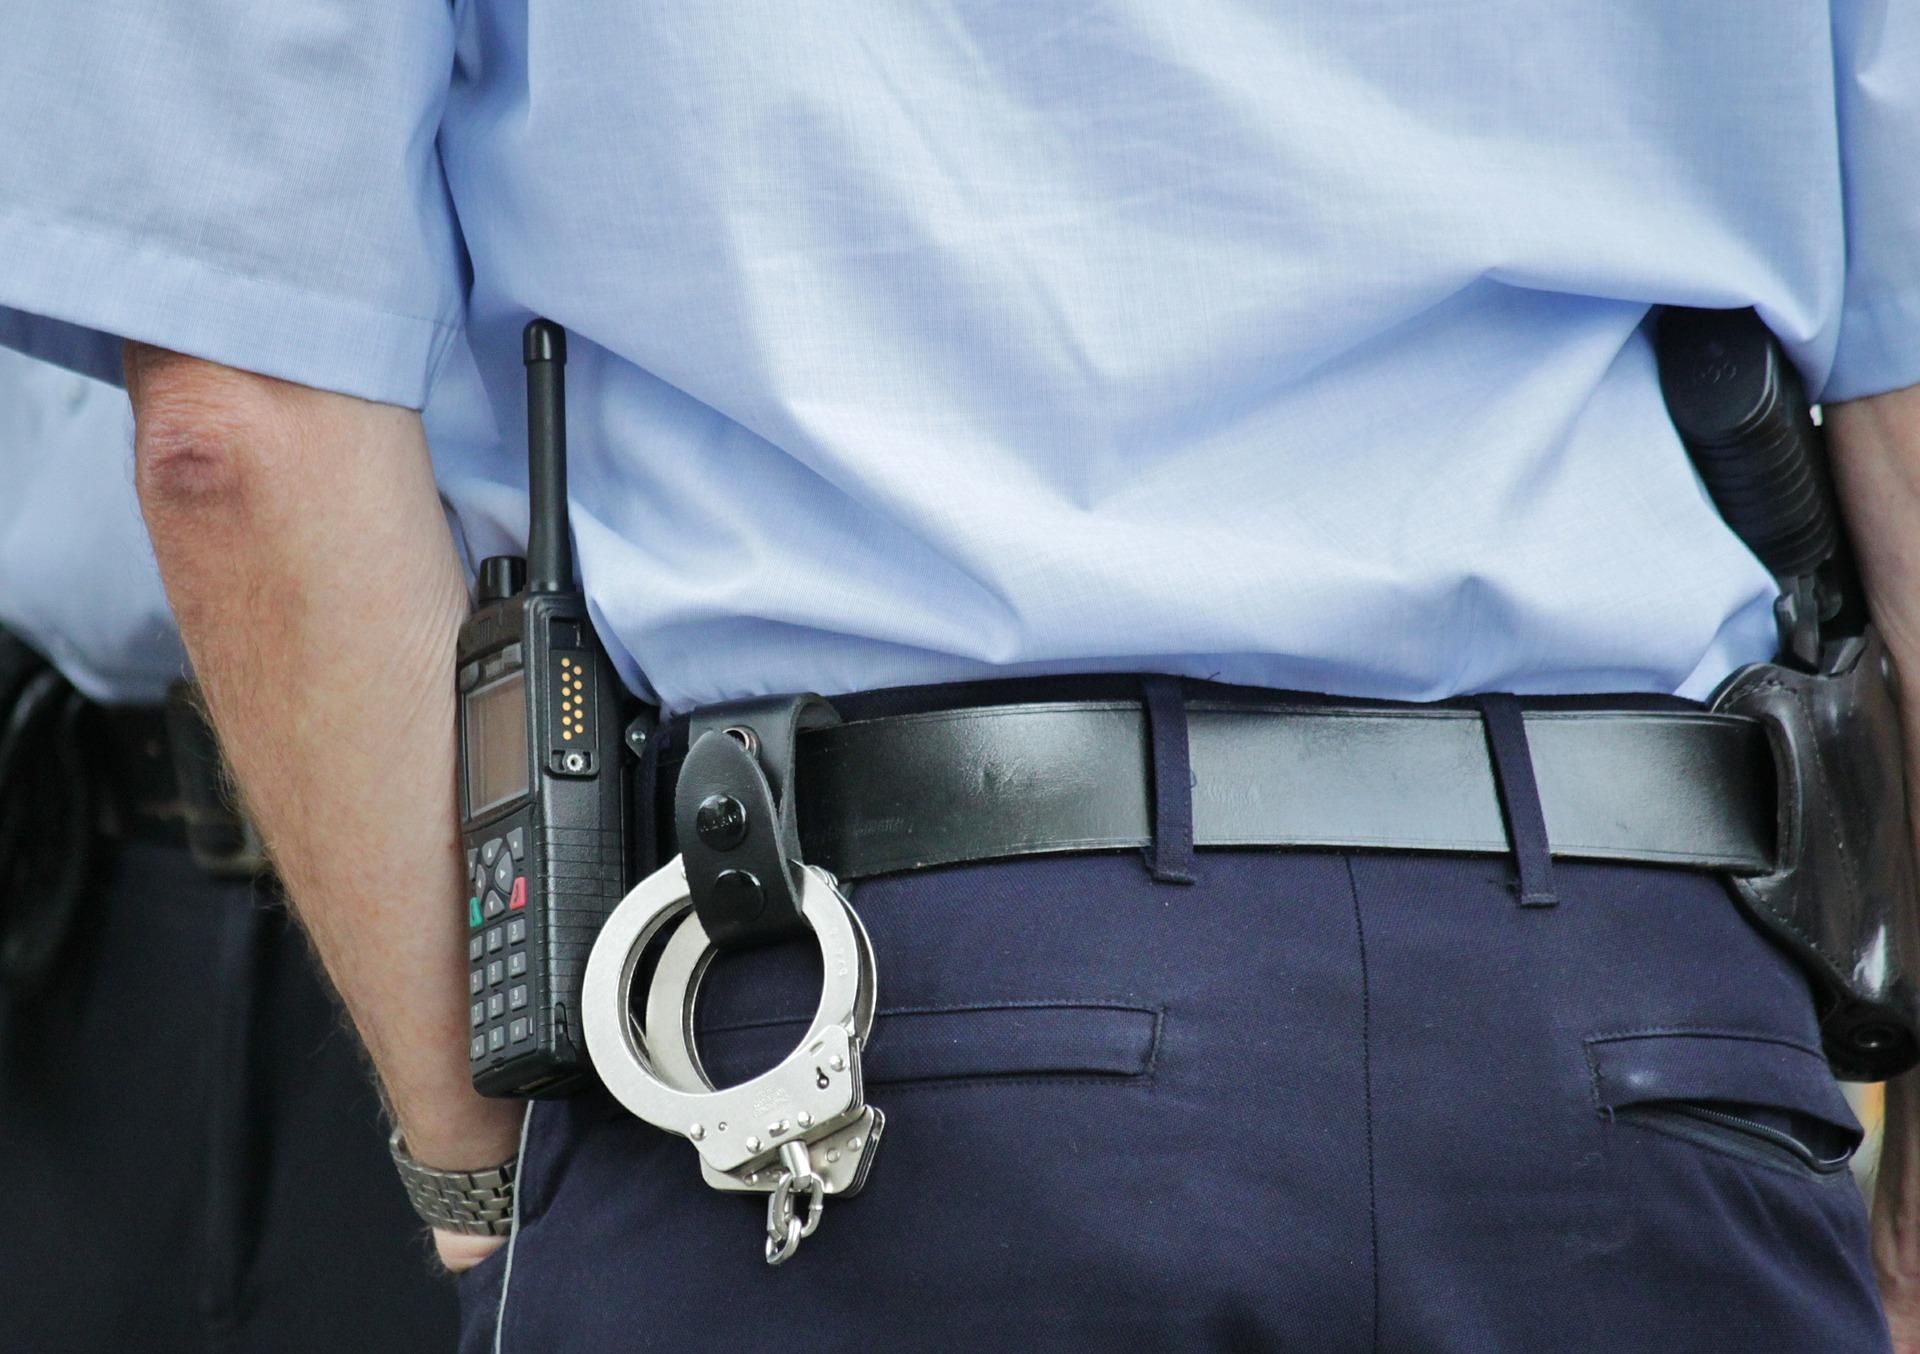 RIJEKA Policija pronašla nasilnika koji je ozlijedio djevojku u kafiću